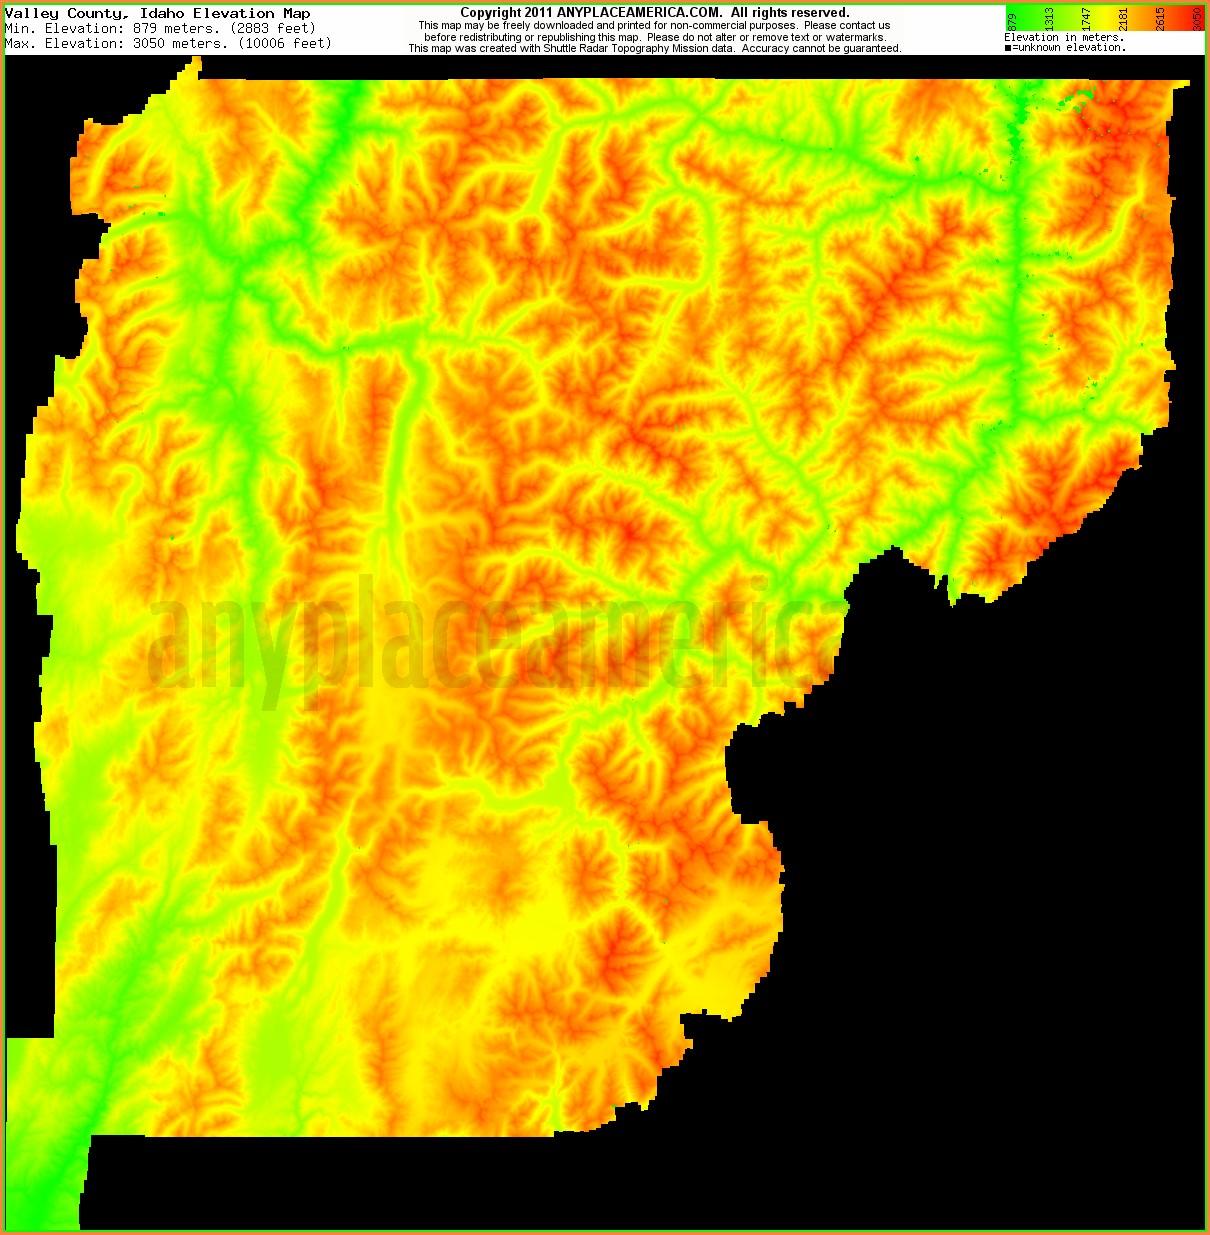 Idaho Topo Maps Free